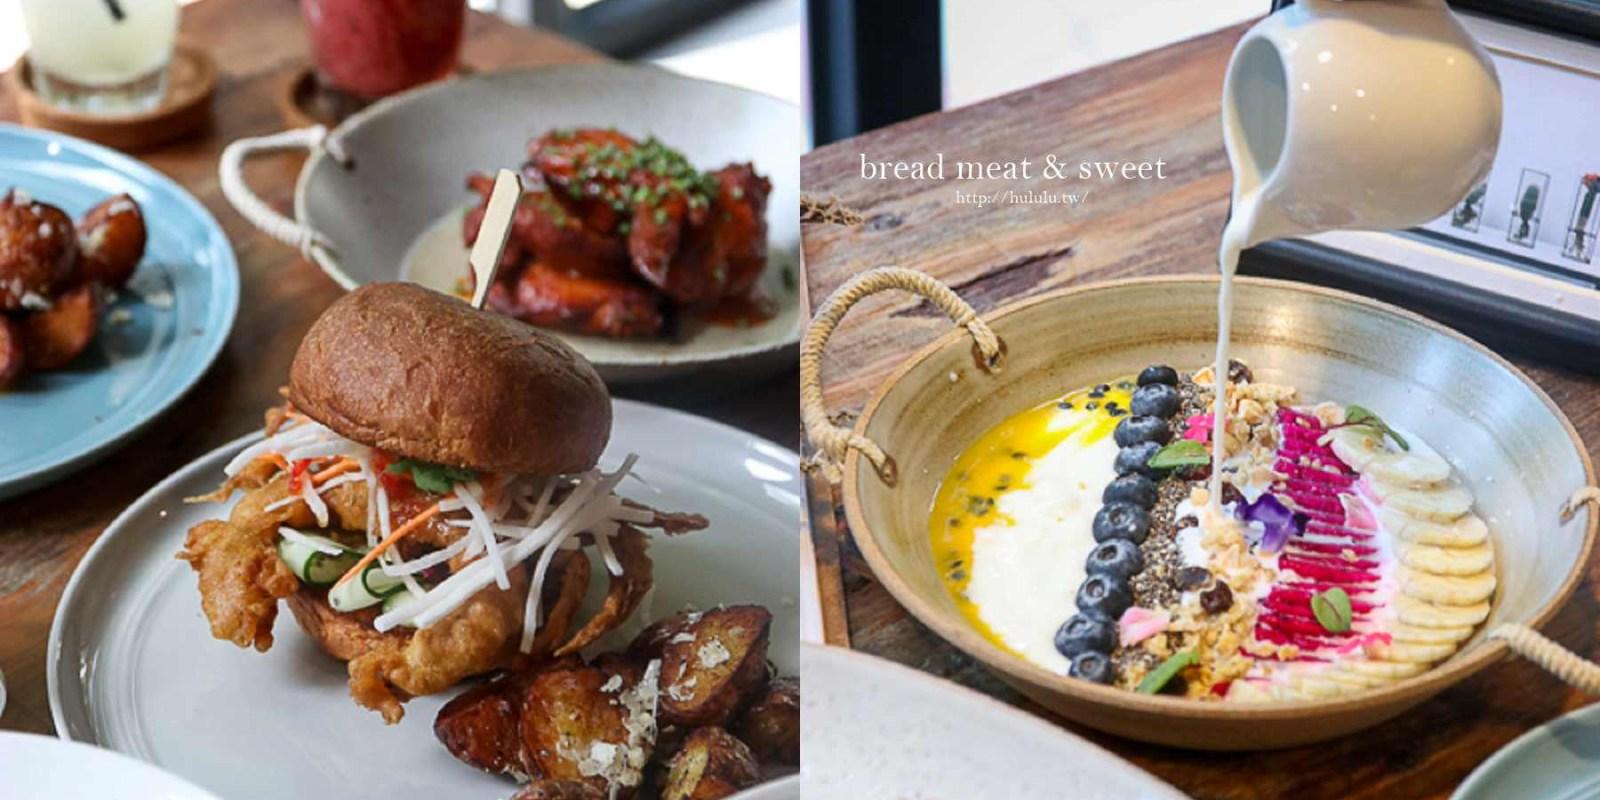 台南美食 這夏泰味啦!酥炸軟殼蟹vs沙嗲雞腿。『BREAD MEAT & SWEET』|藍帶甜點|美式漢堡|